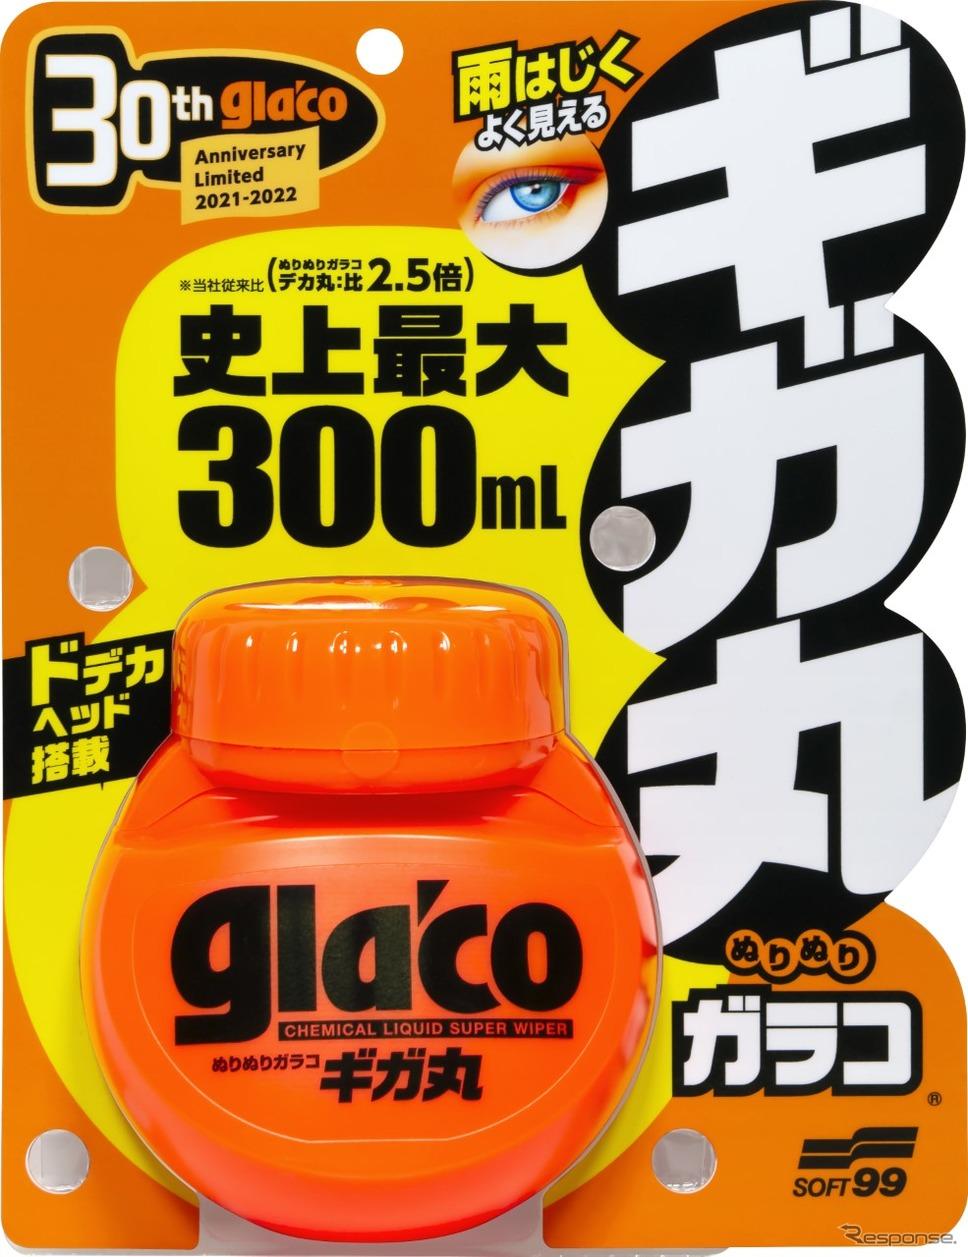 数量限定販売となるぬりぬりガラコ ギガ丸(5月上旬リリース)《写真提供 ソフト99》